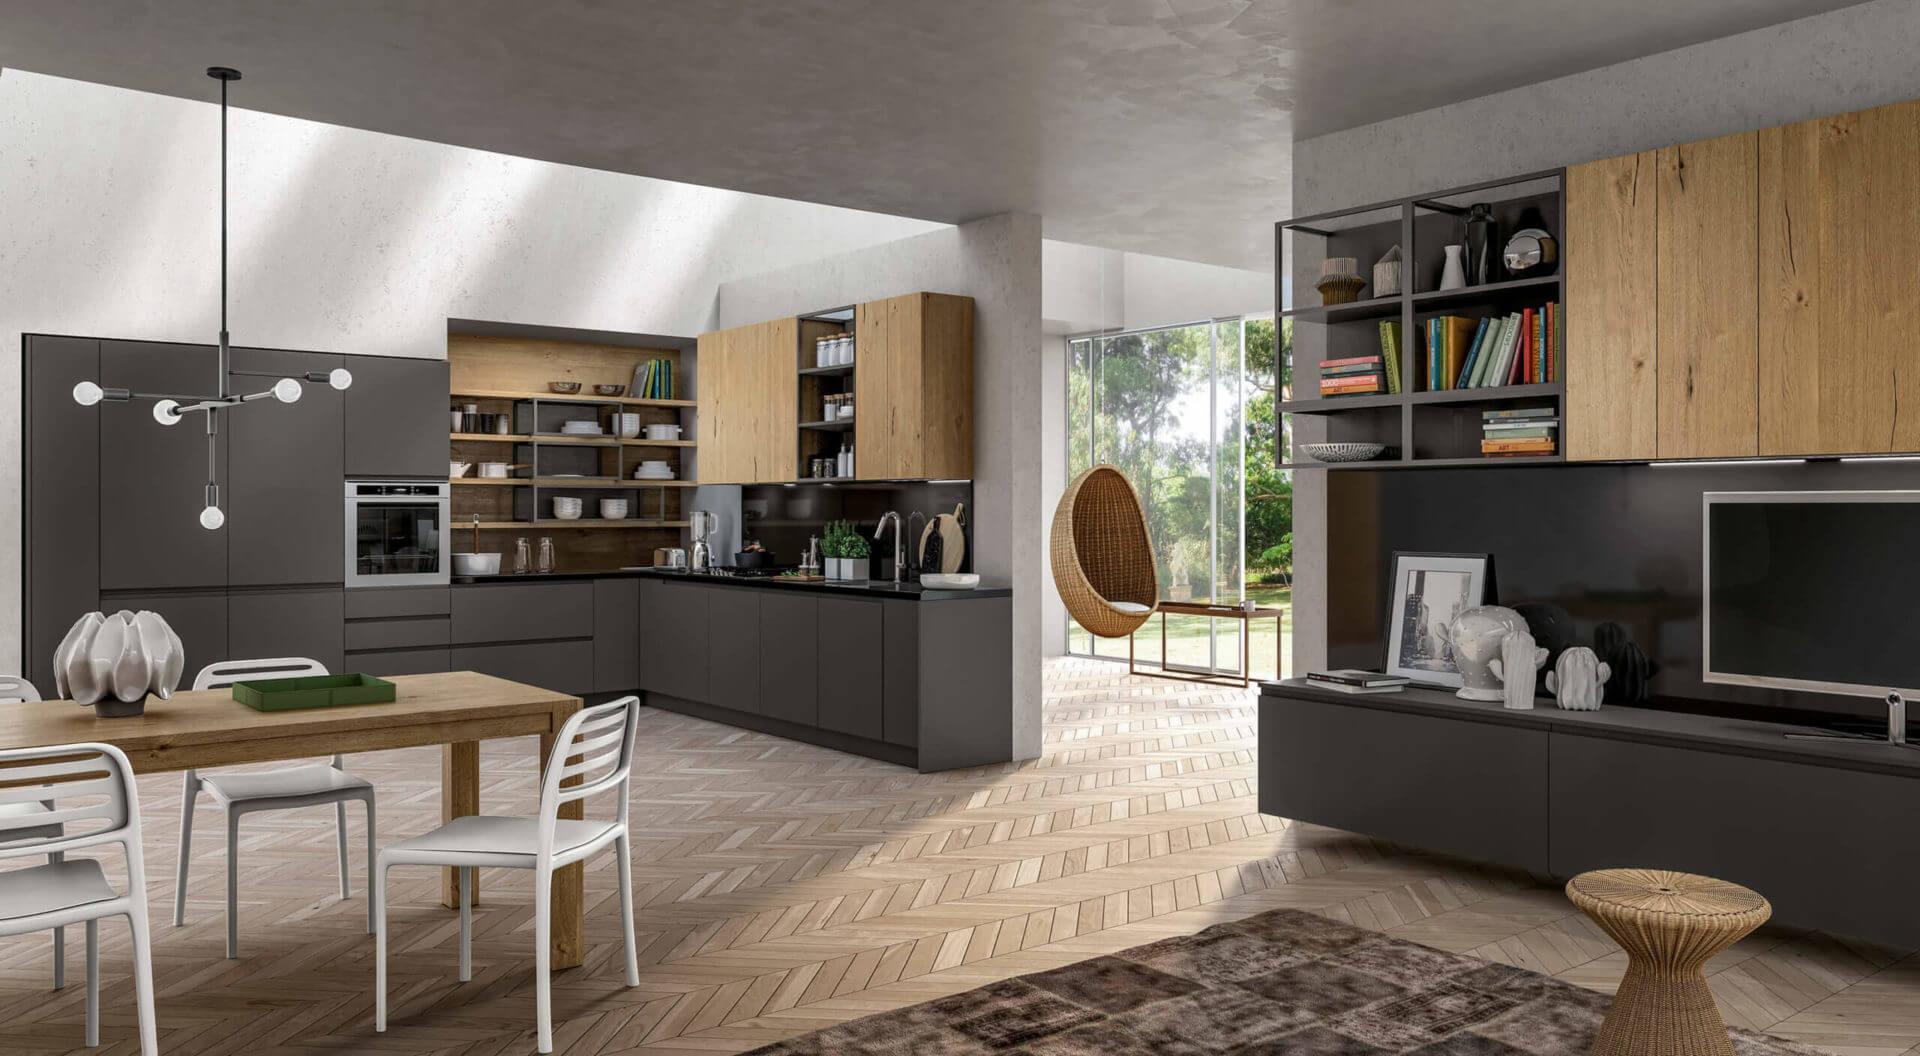 cucina moderna colori contrasto